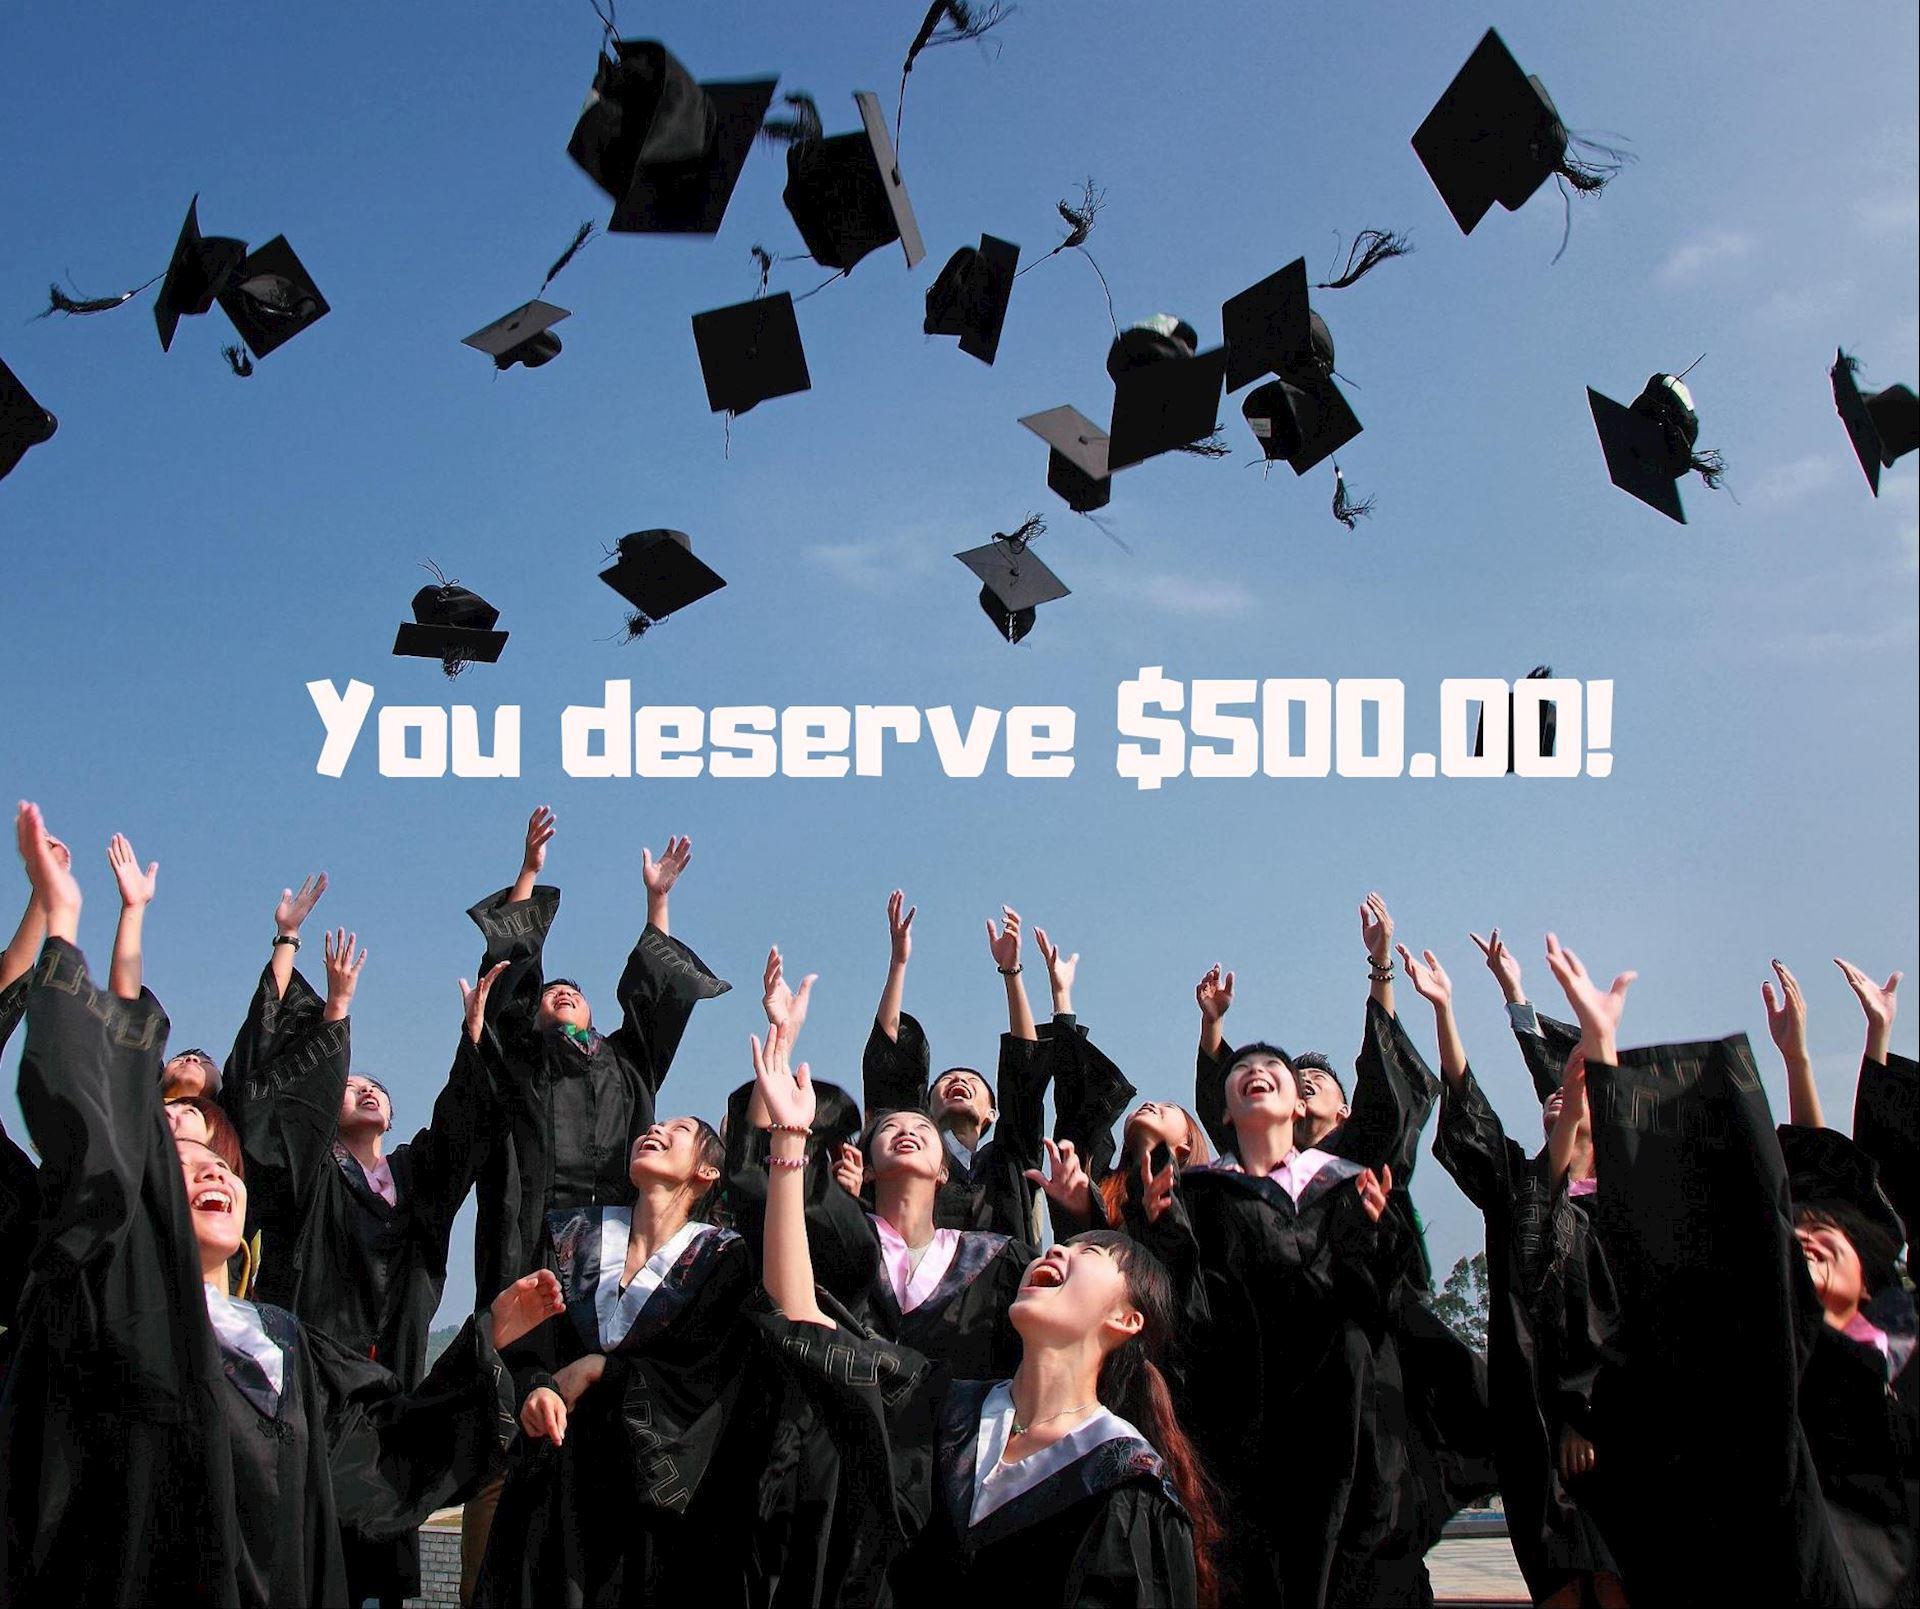 You Deserve it! $500.00